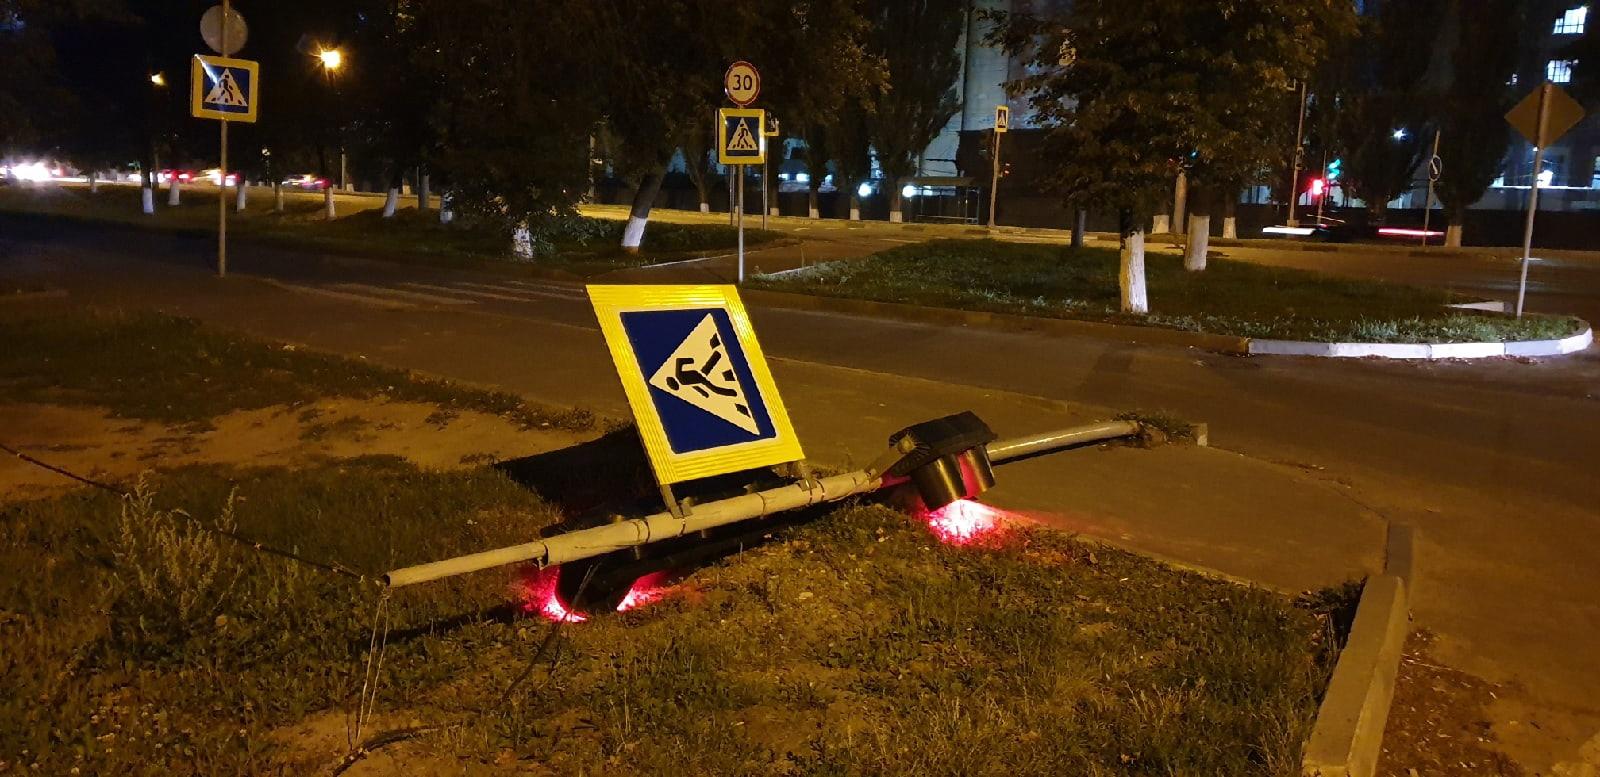 В Фокинском районе Брянска возле «Сельмаша» упал светофор